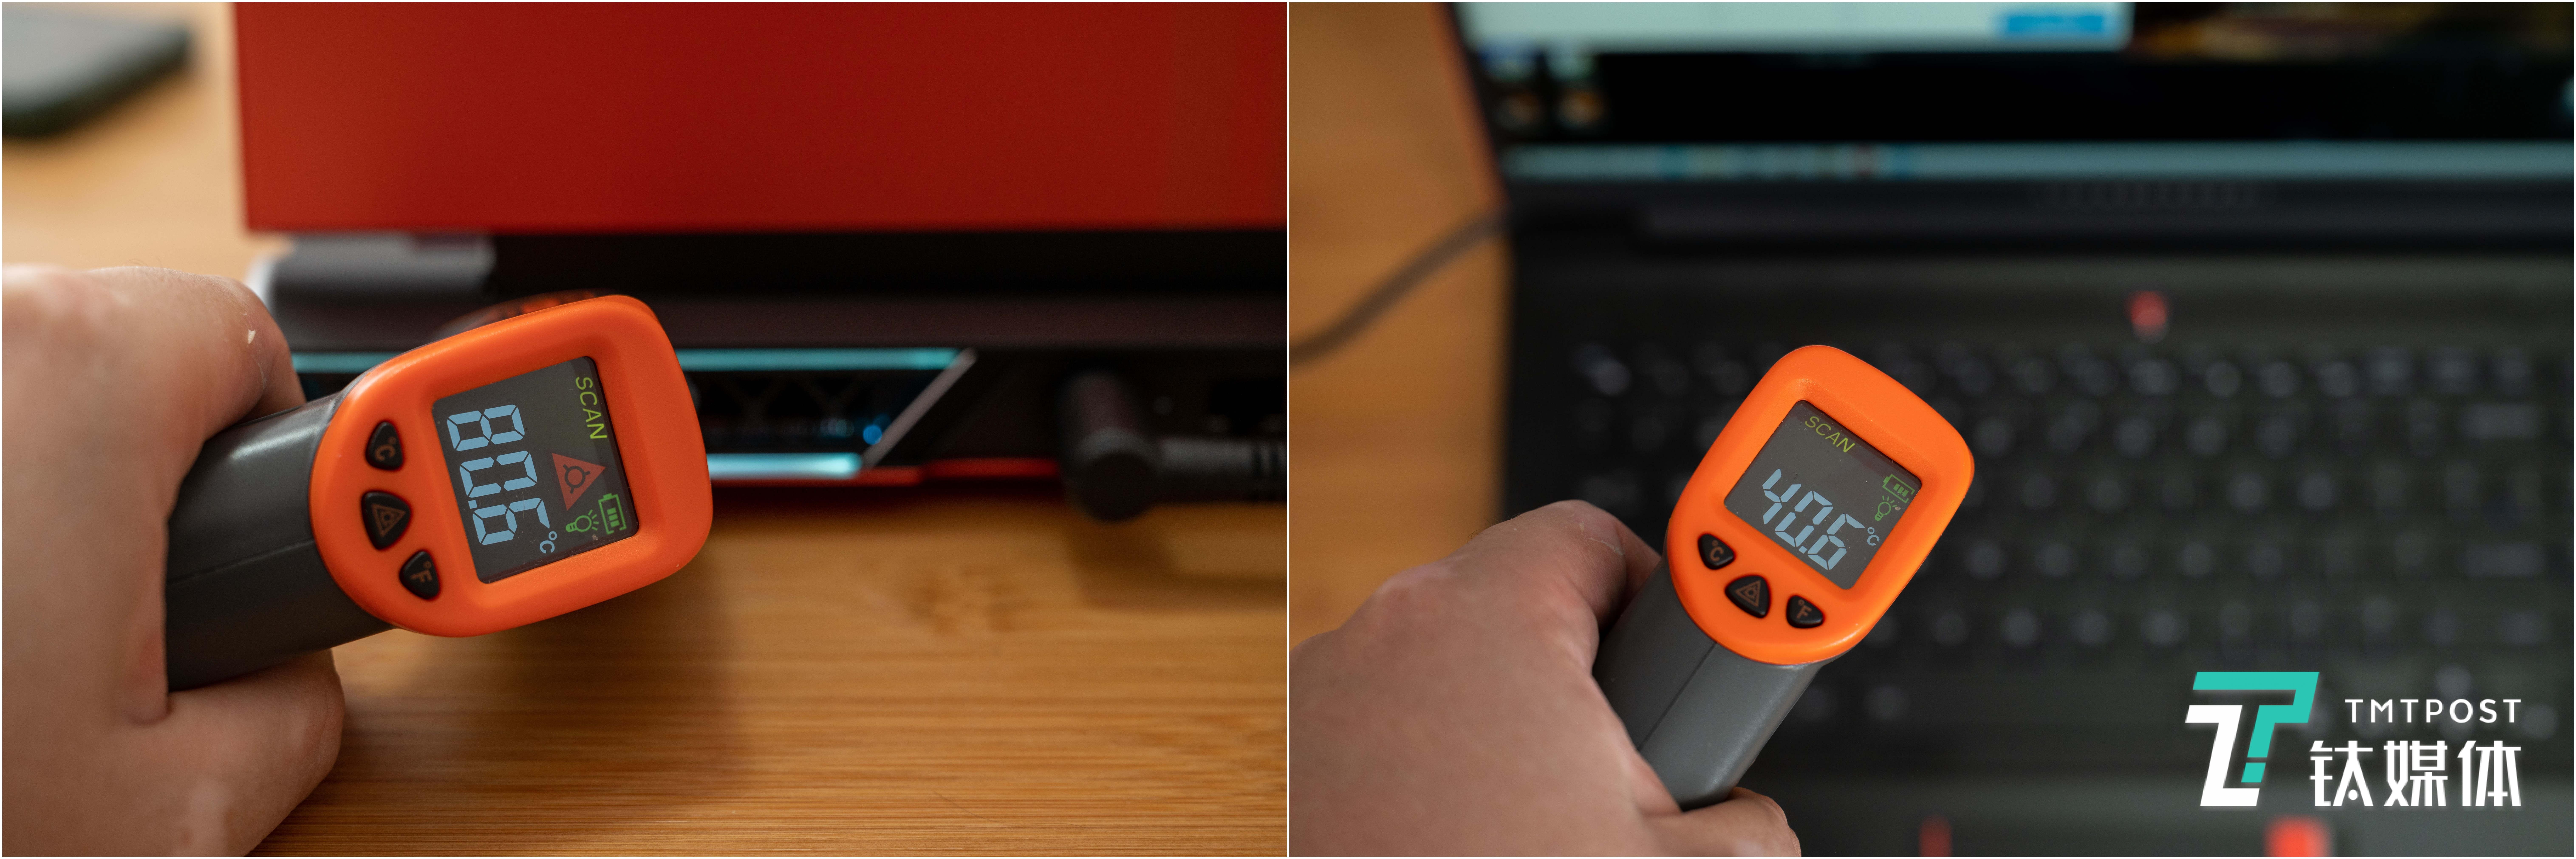 雷神ZERO游戏本评测:随时随地享受电竞级高刷体验 | 钛极客